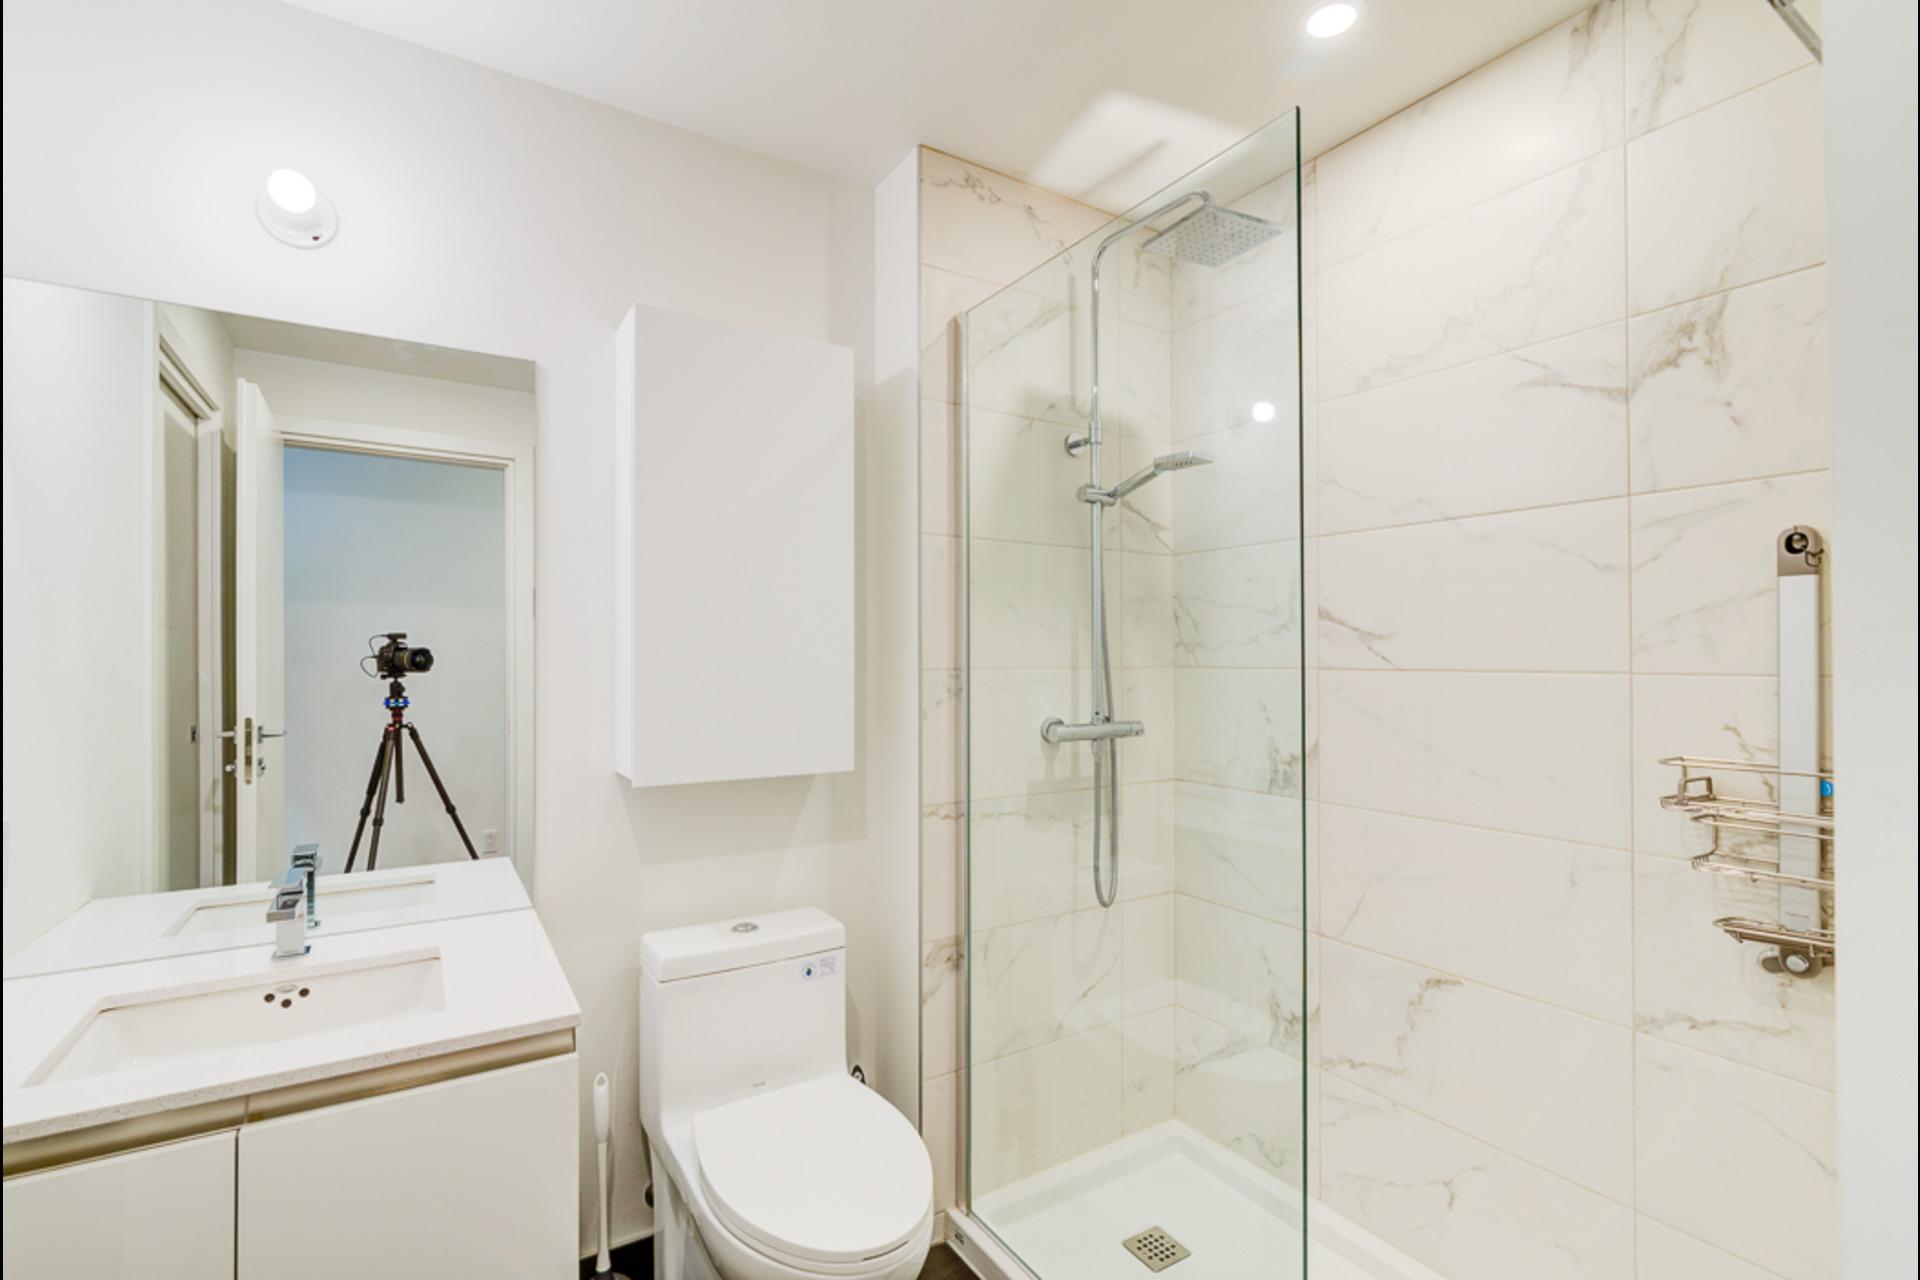 image 19 - Condo For rent Montréal - 4 rooms